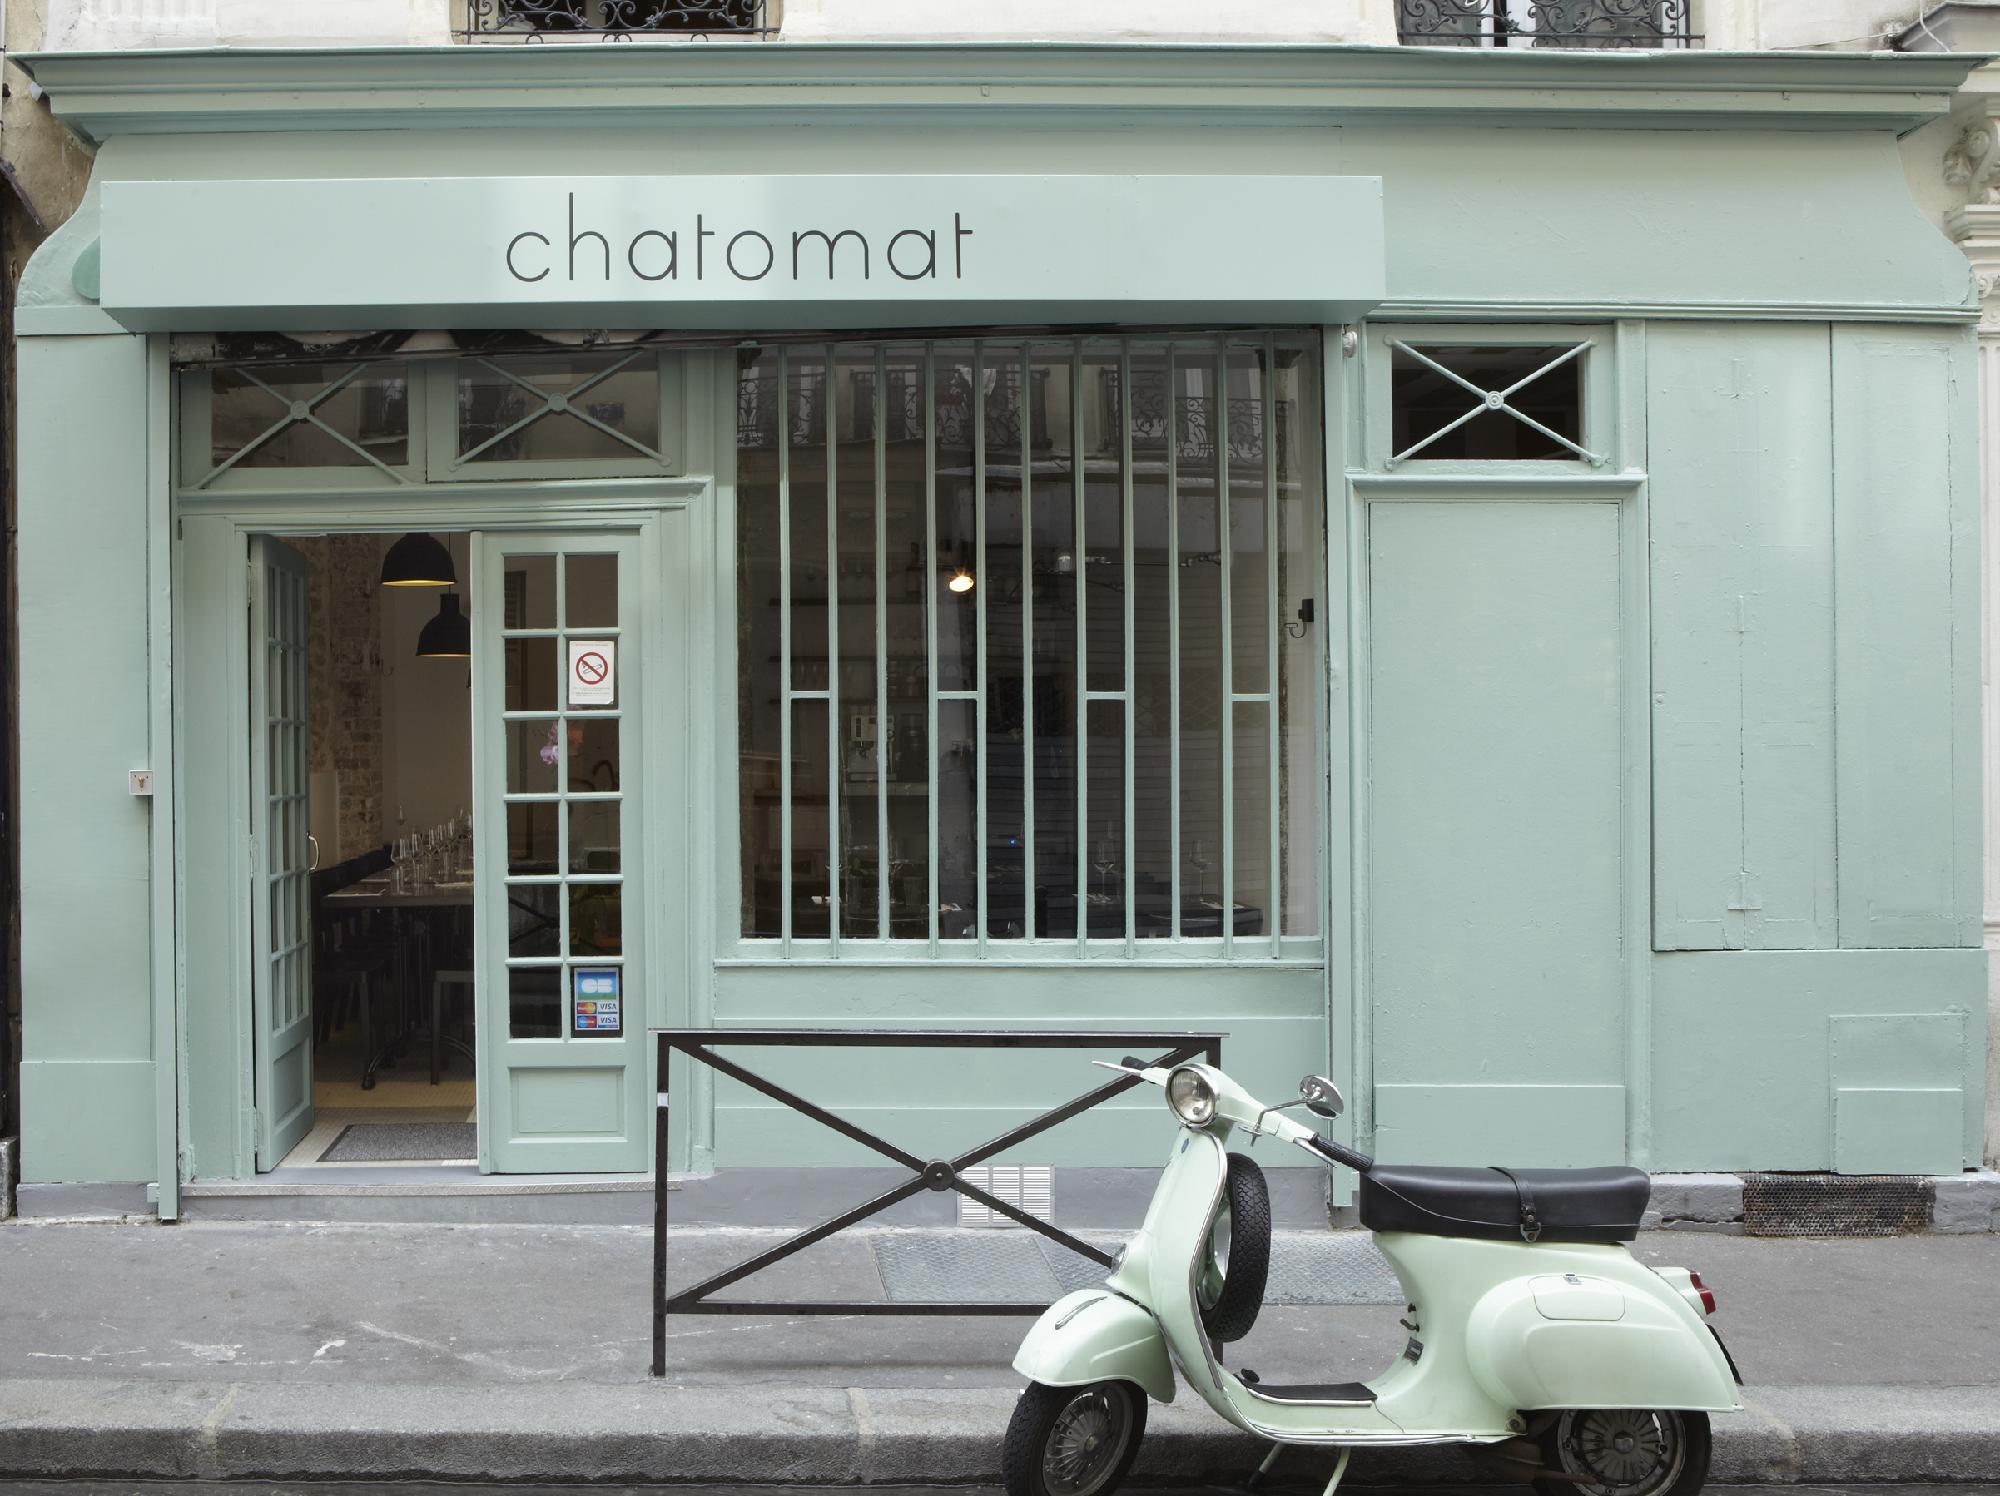 Chatomat